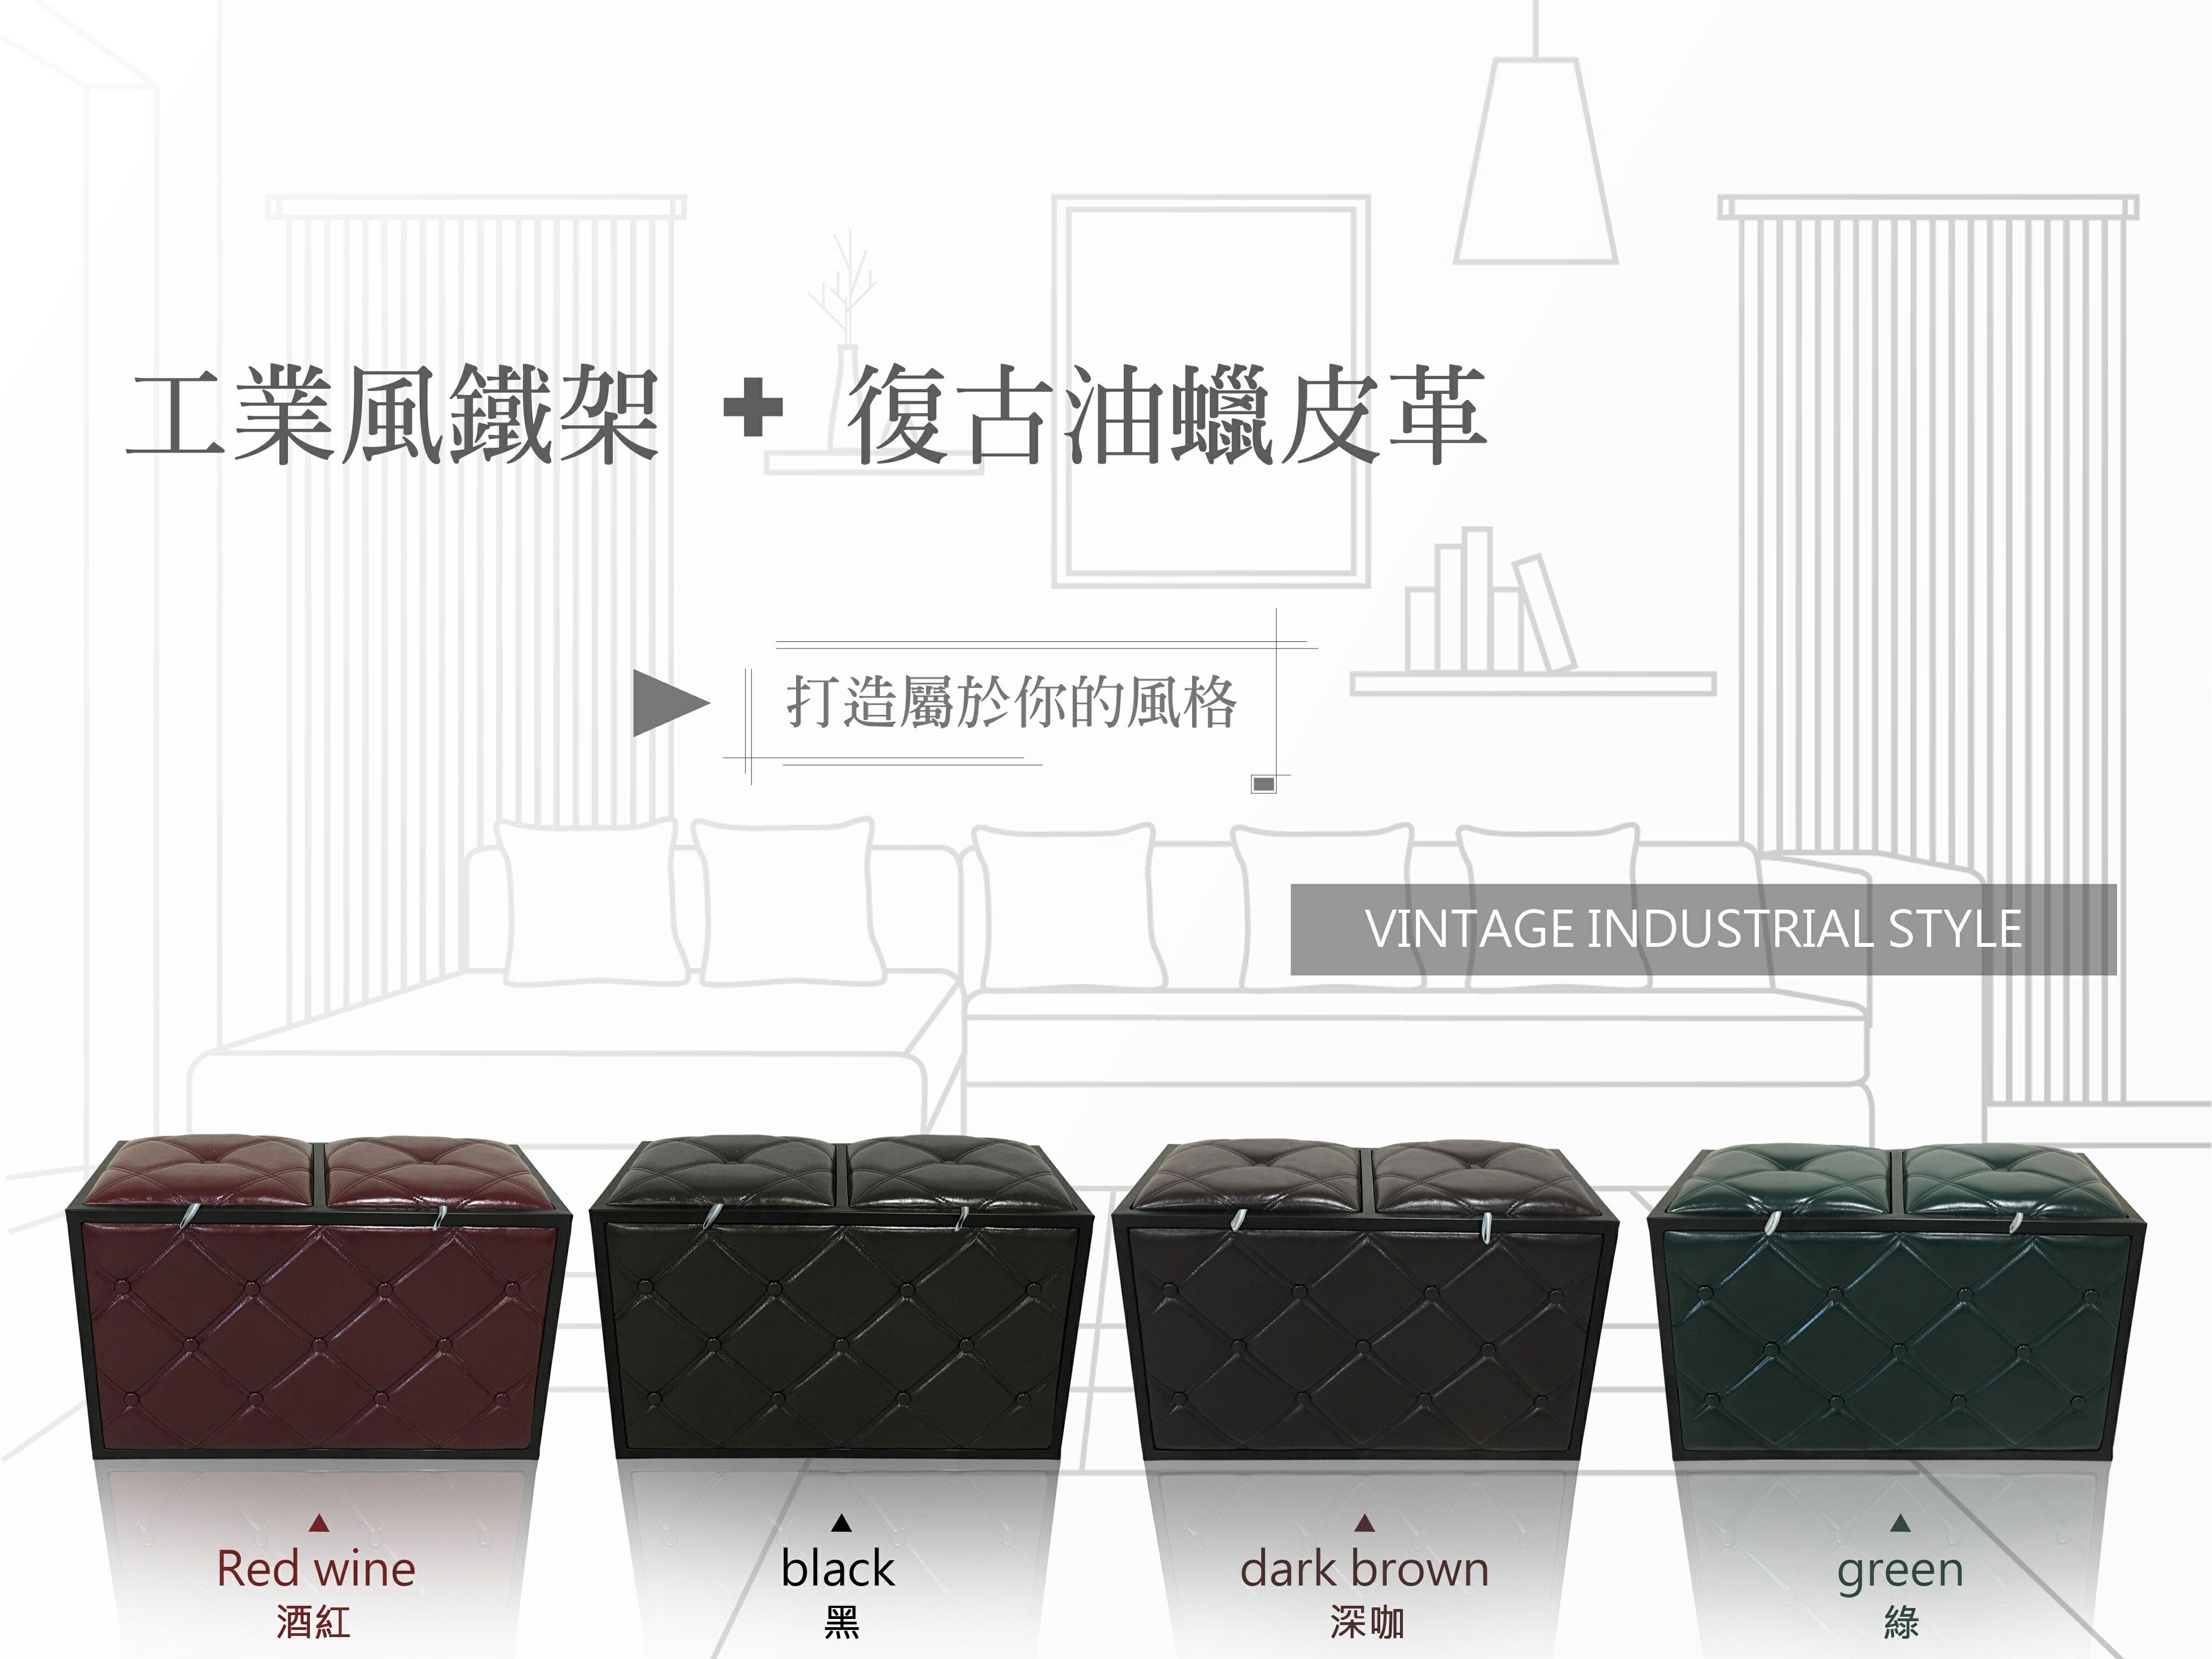 【新生活家具】現代 工業 復古 收納箱 穿鞋凳 腳椅 玄關凳 休閒椅 4色可選《喬休爾》 非 H&D ikea 宜家